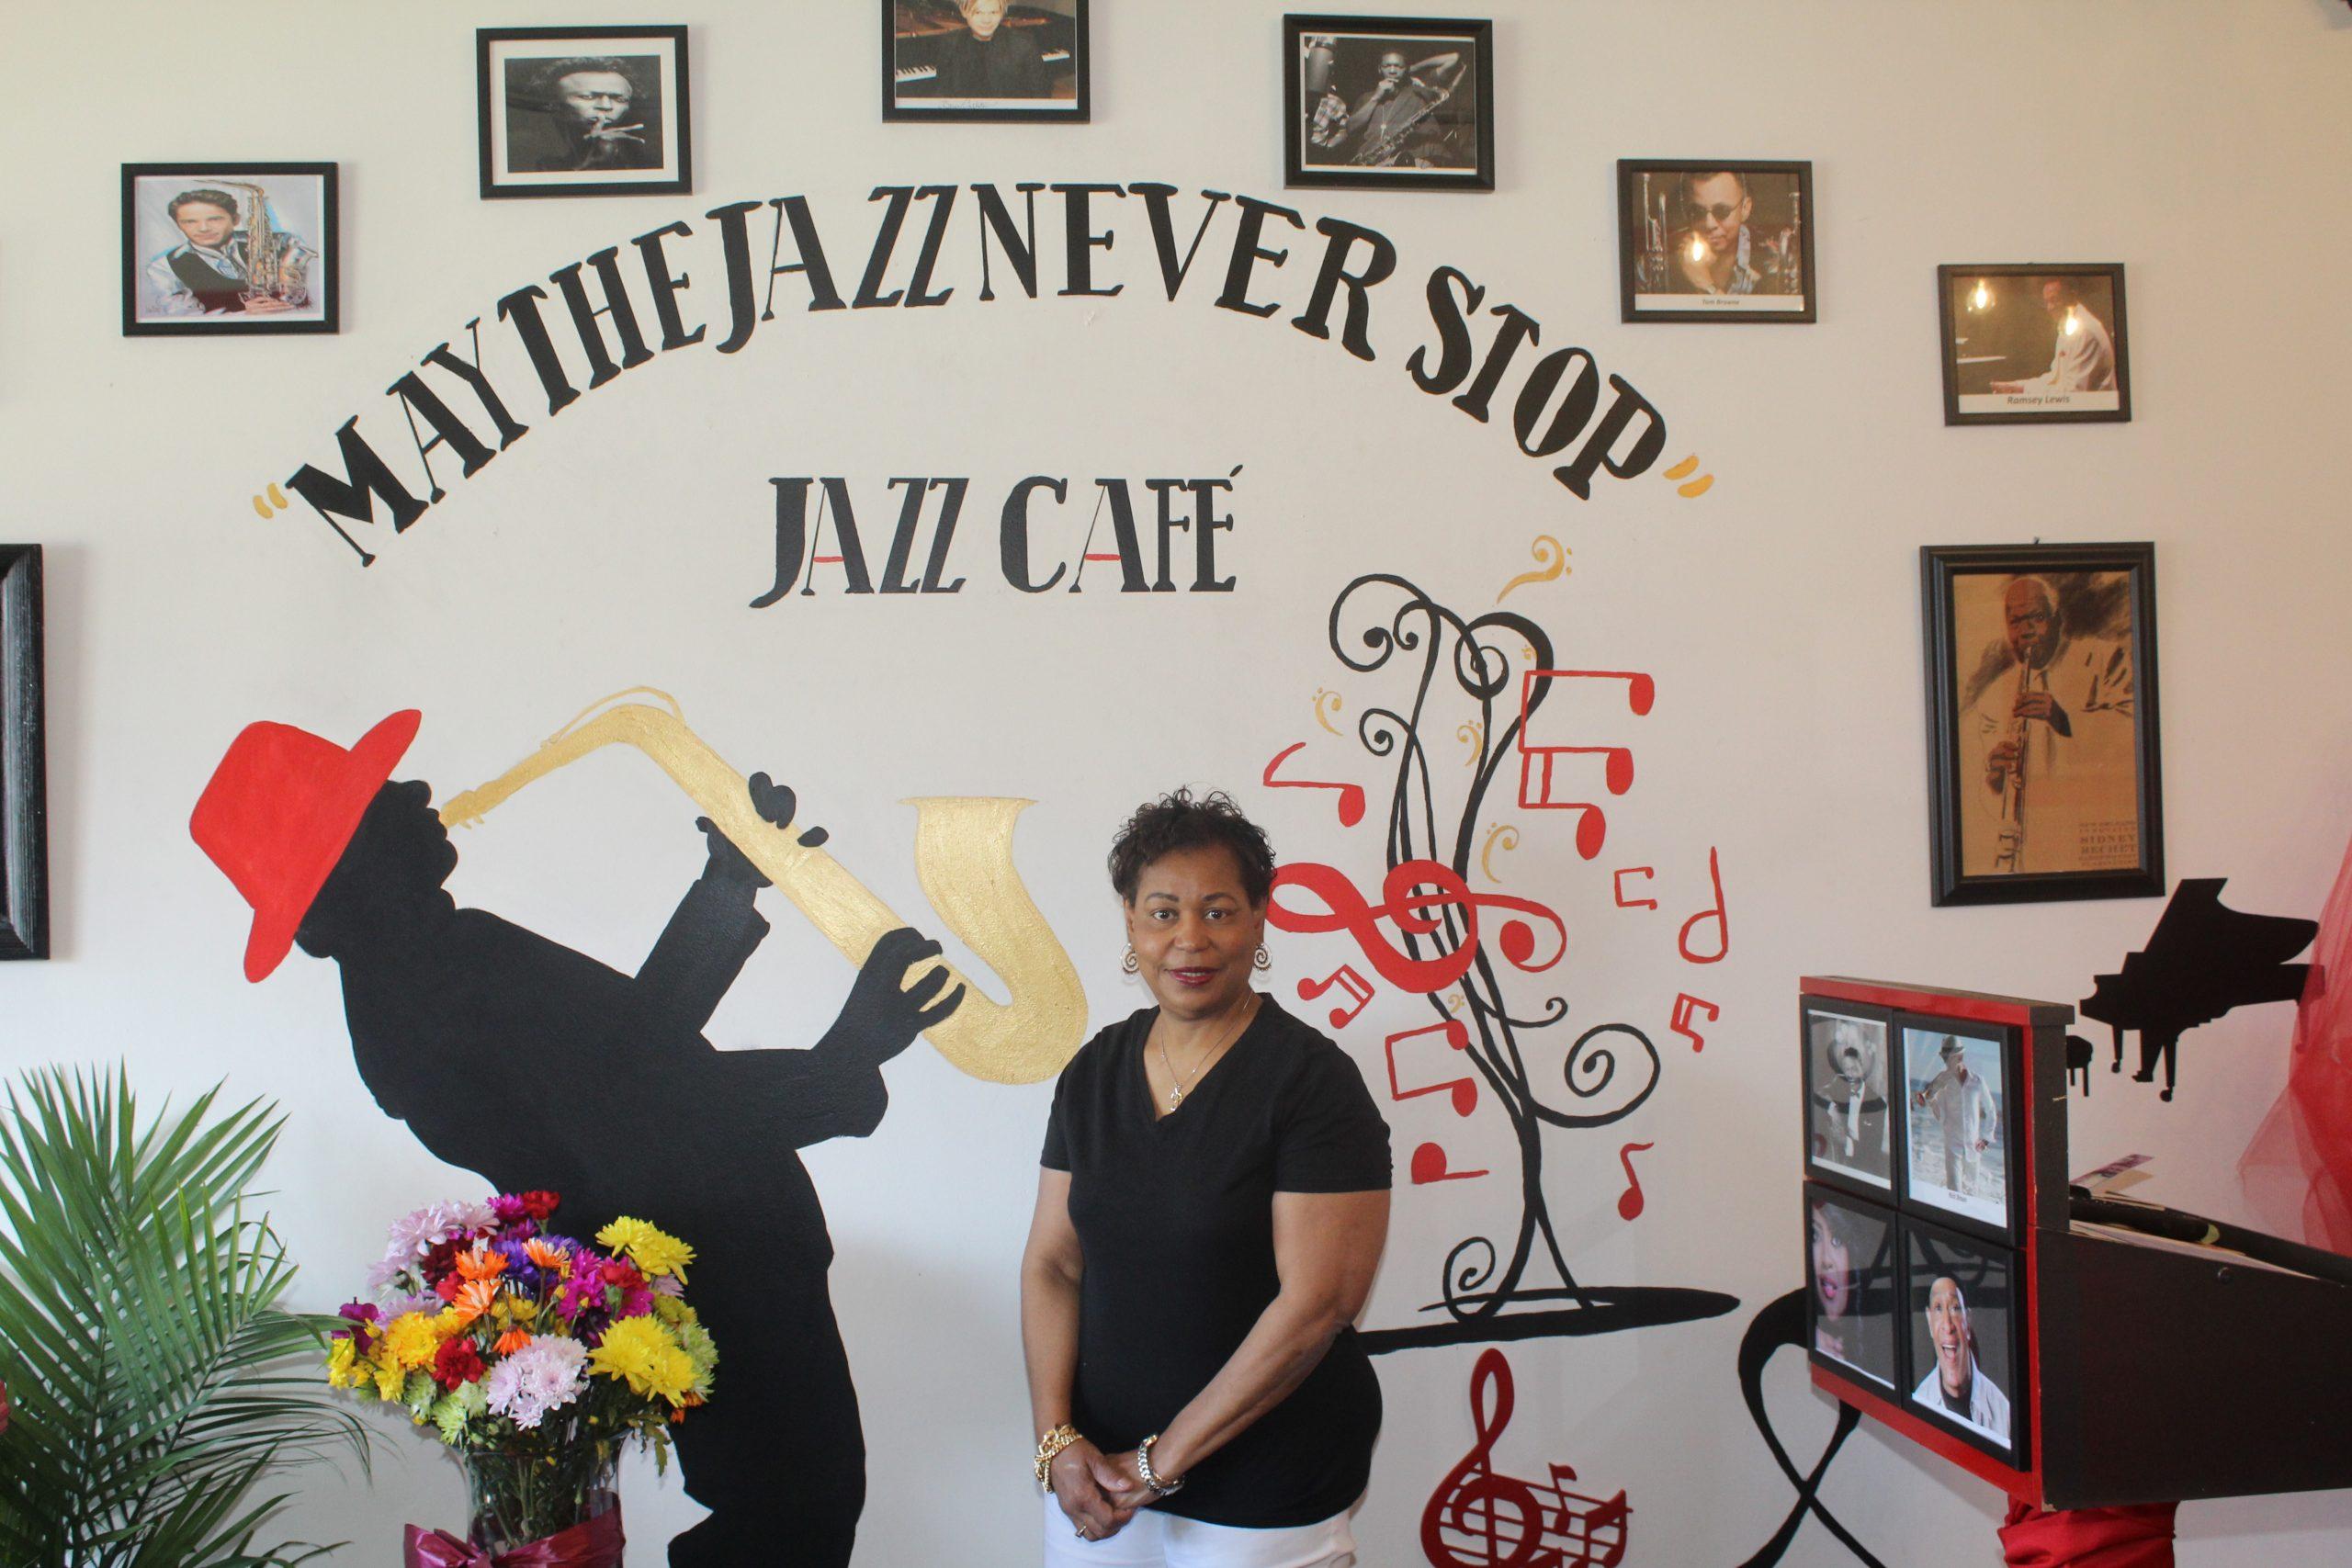 May The Jazz Never Stop Jazz Café